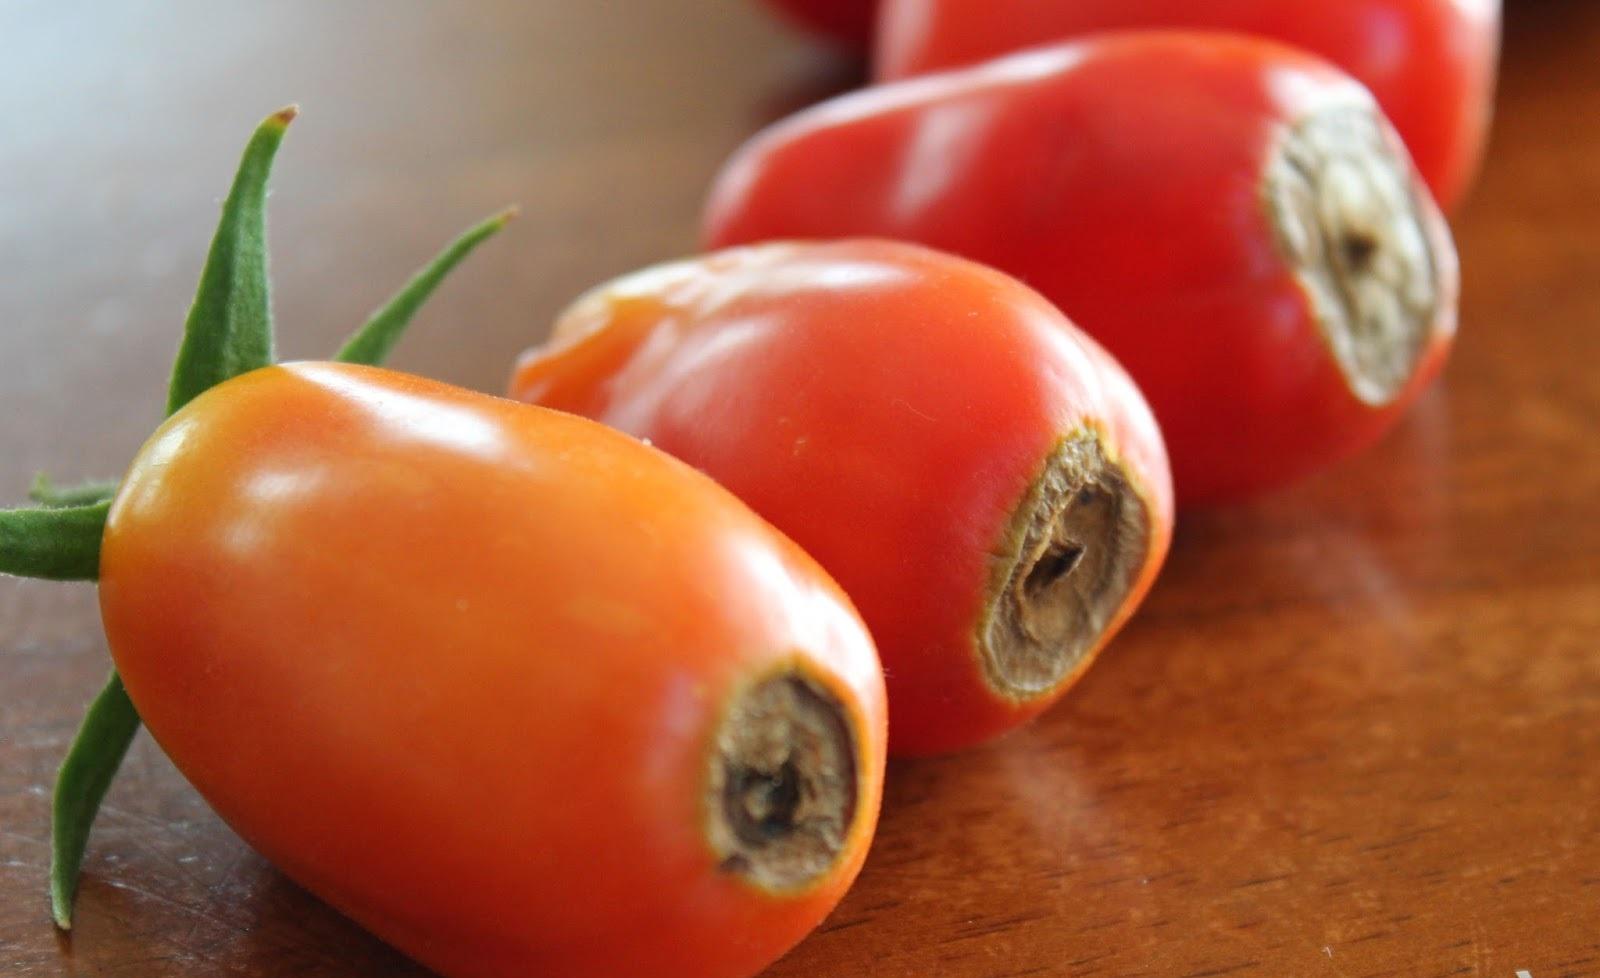 Marciume apicale del pomodoro cause e soluzioni for Malattie pomodoro